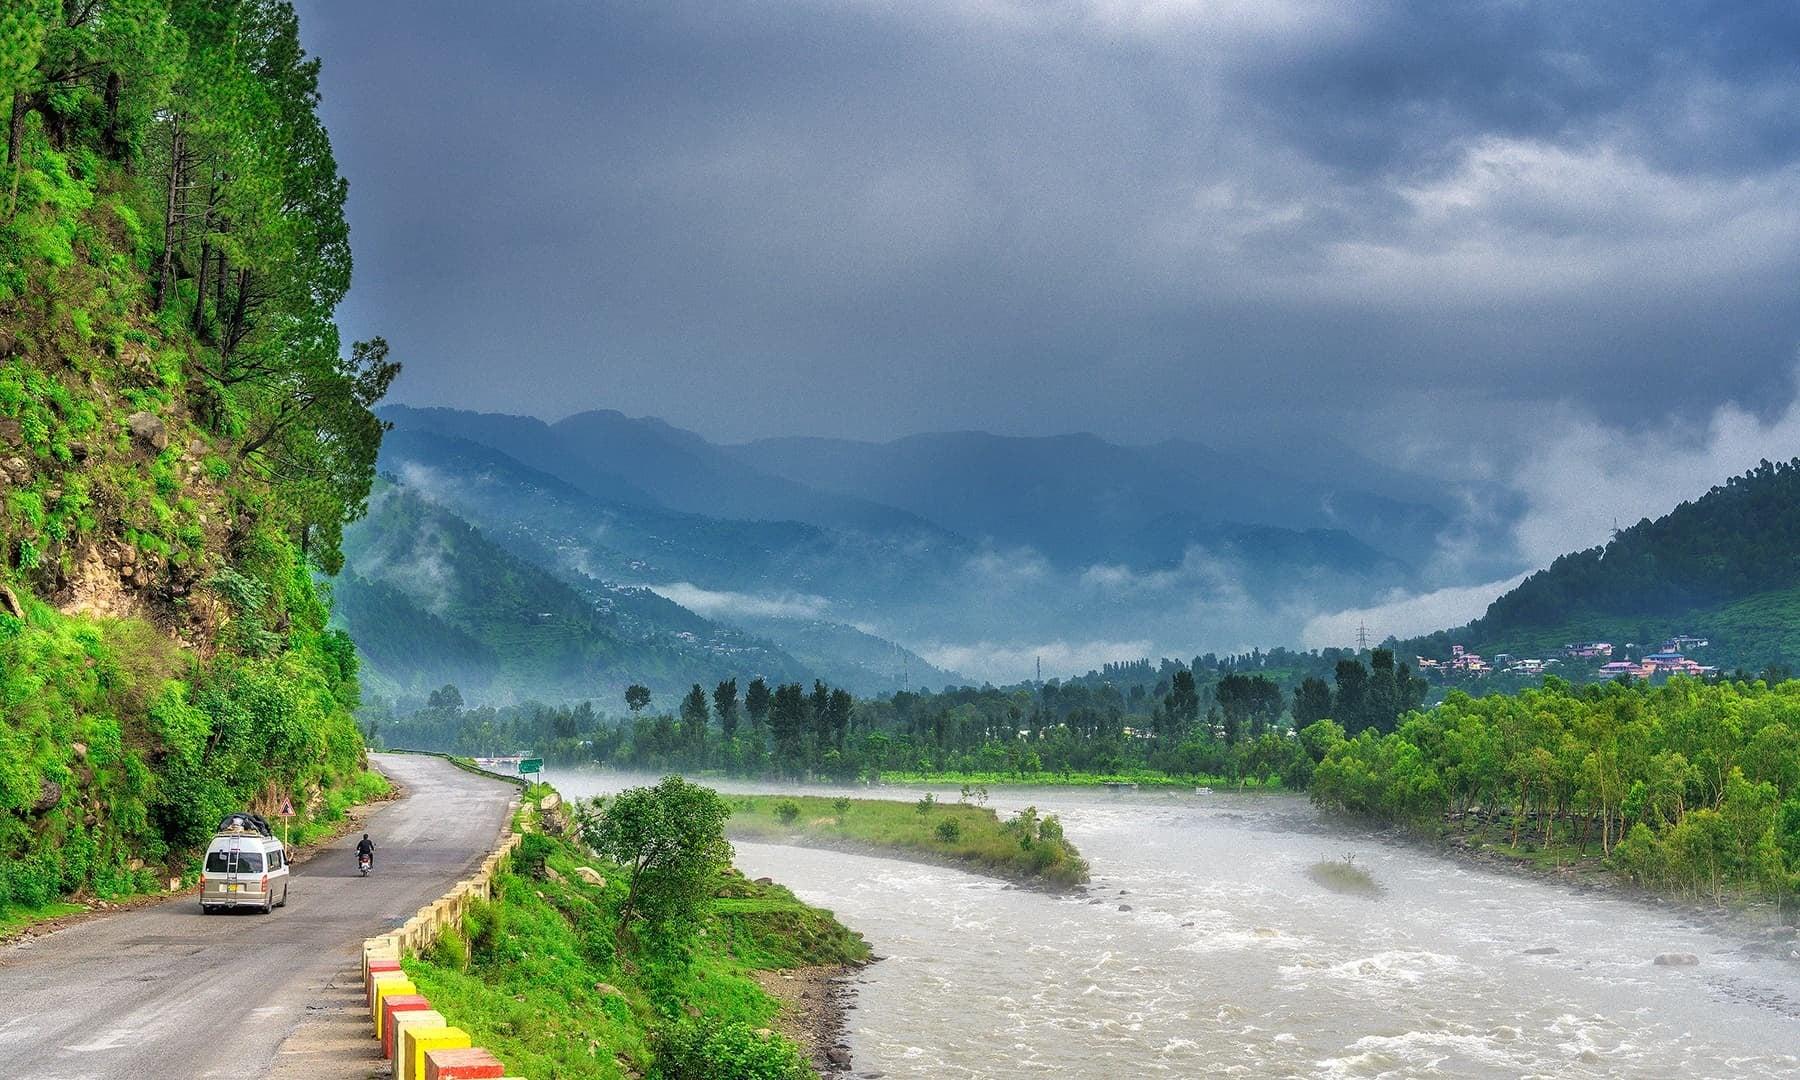 Balakot and Kunhar River. — Photo by Syed Mehdi Bukhari